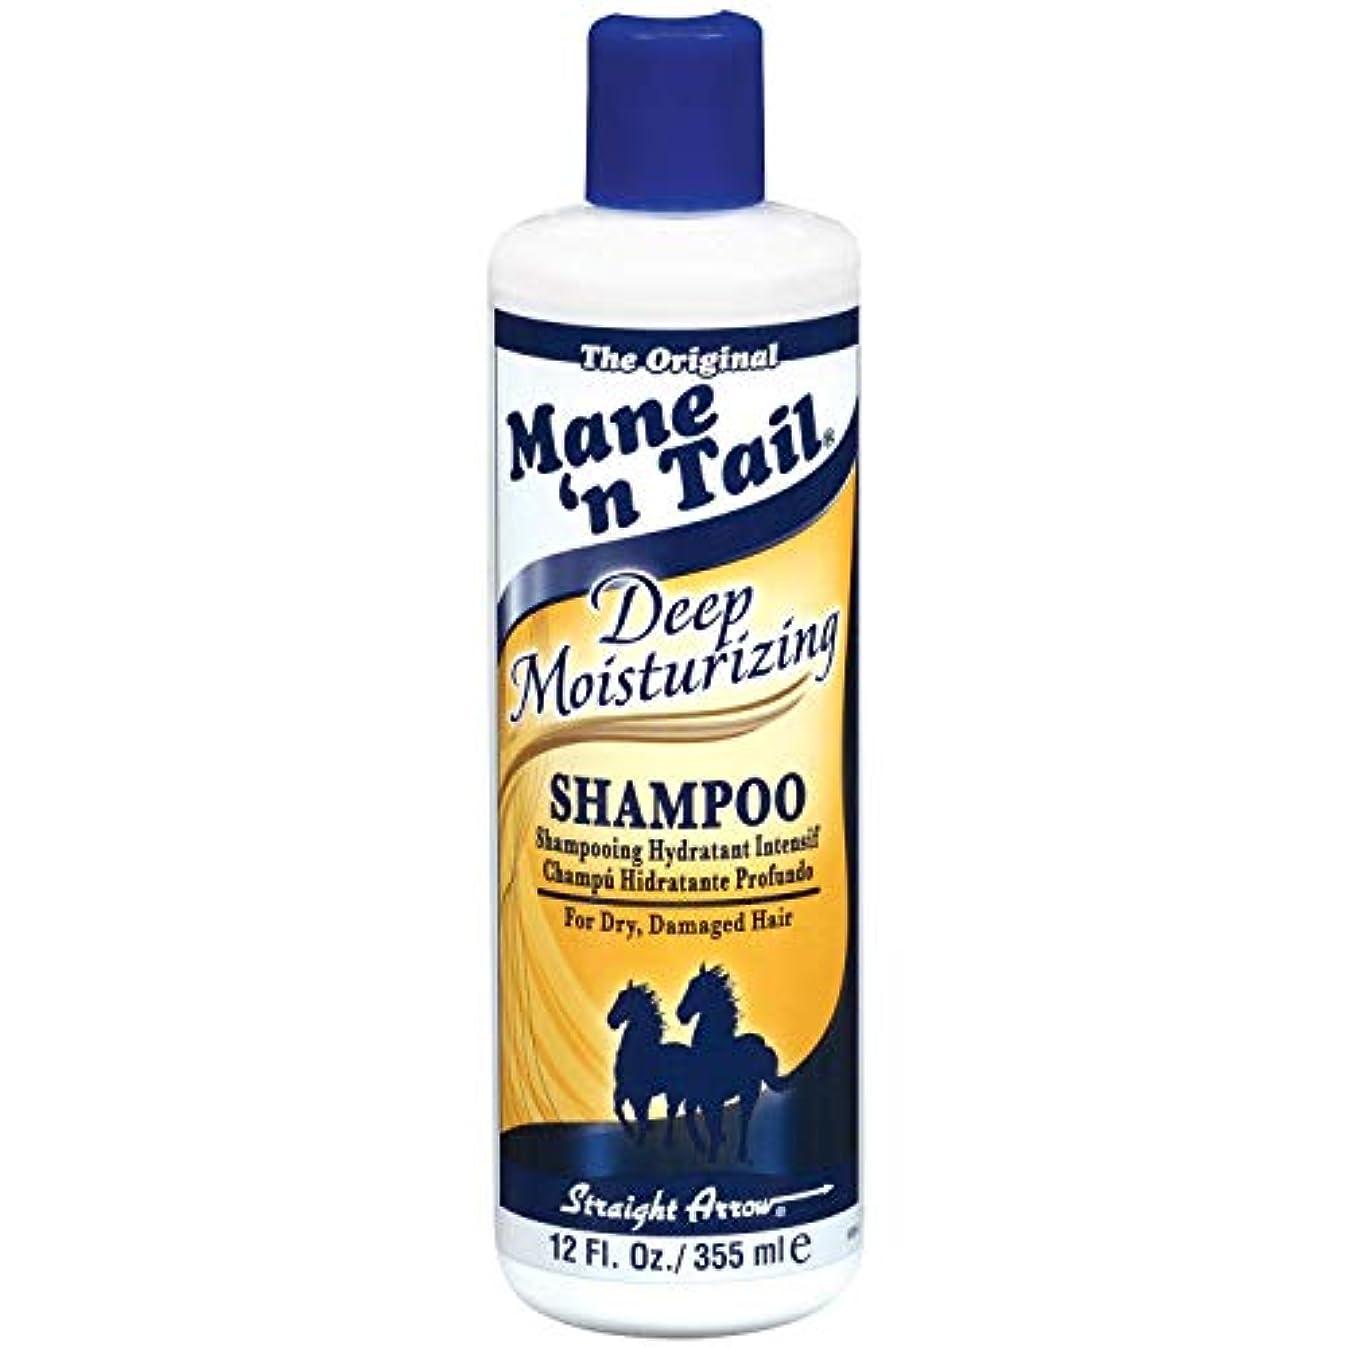 動機補充相対サイズ(馬のたてがみ メインテイル ディープ モイスチャライジング 乾燥髪?傷んだ髪用 シャンプー)Mane'n Tail Deep Moisturizing Shampoo (並行輸入品) [並行輸入品]